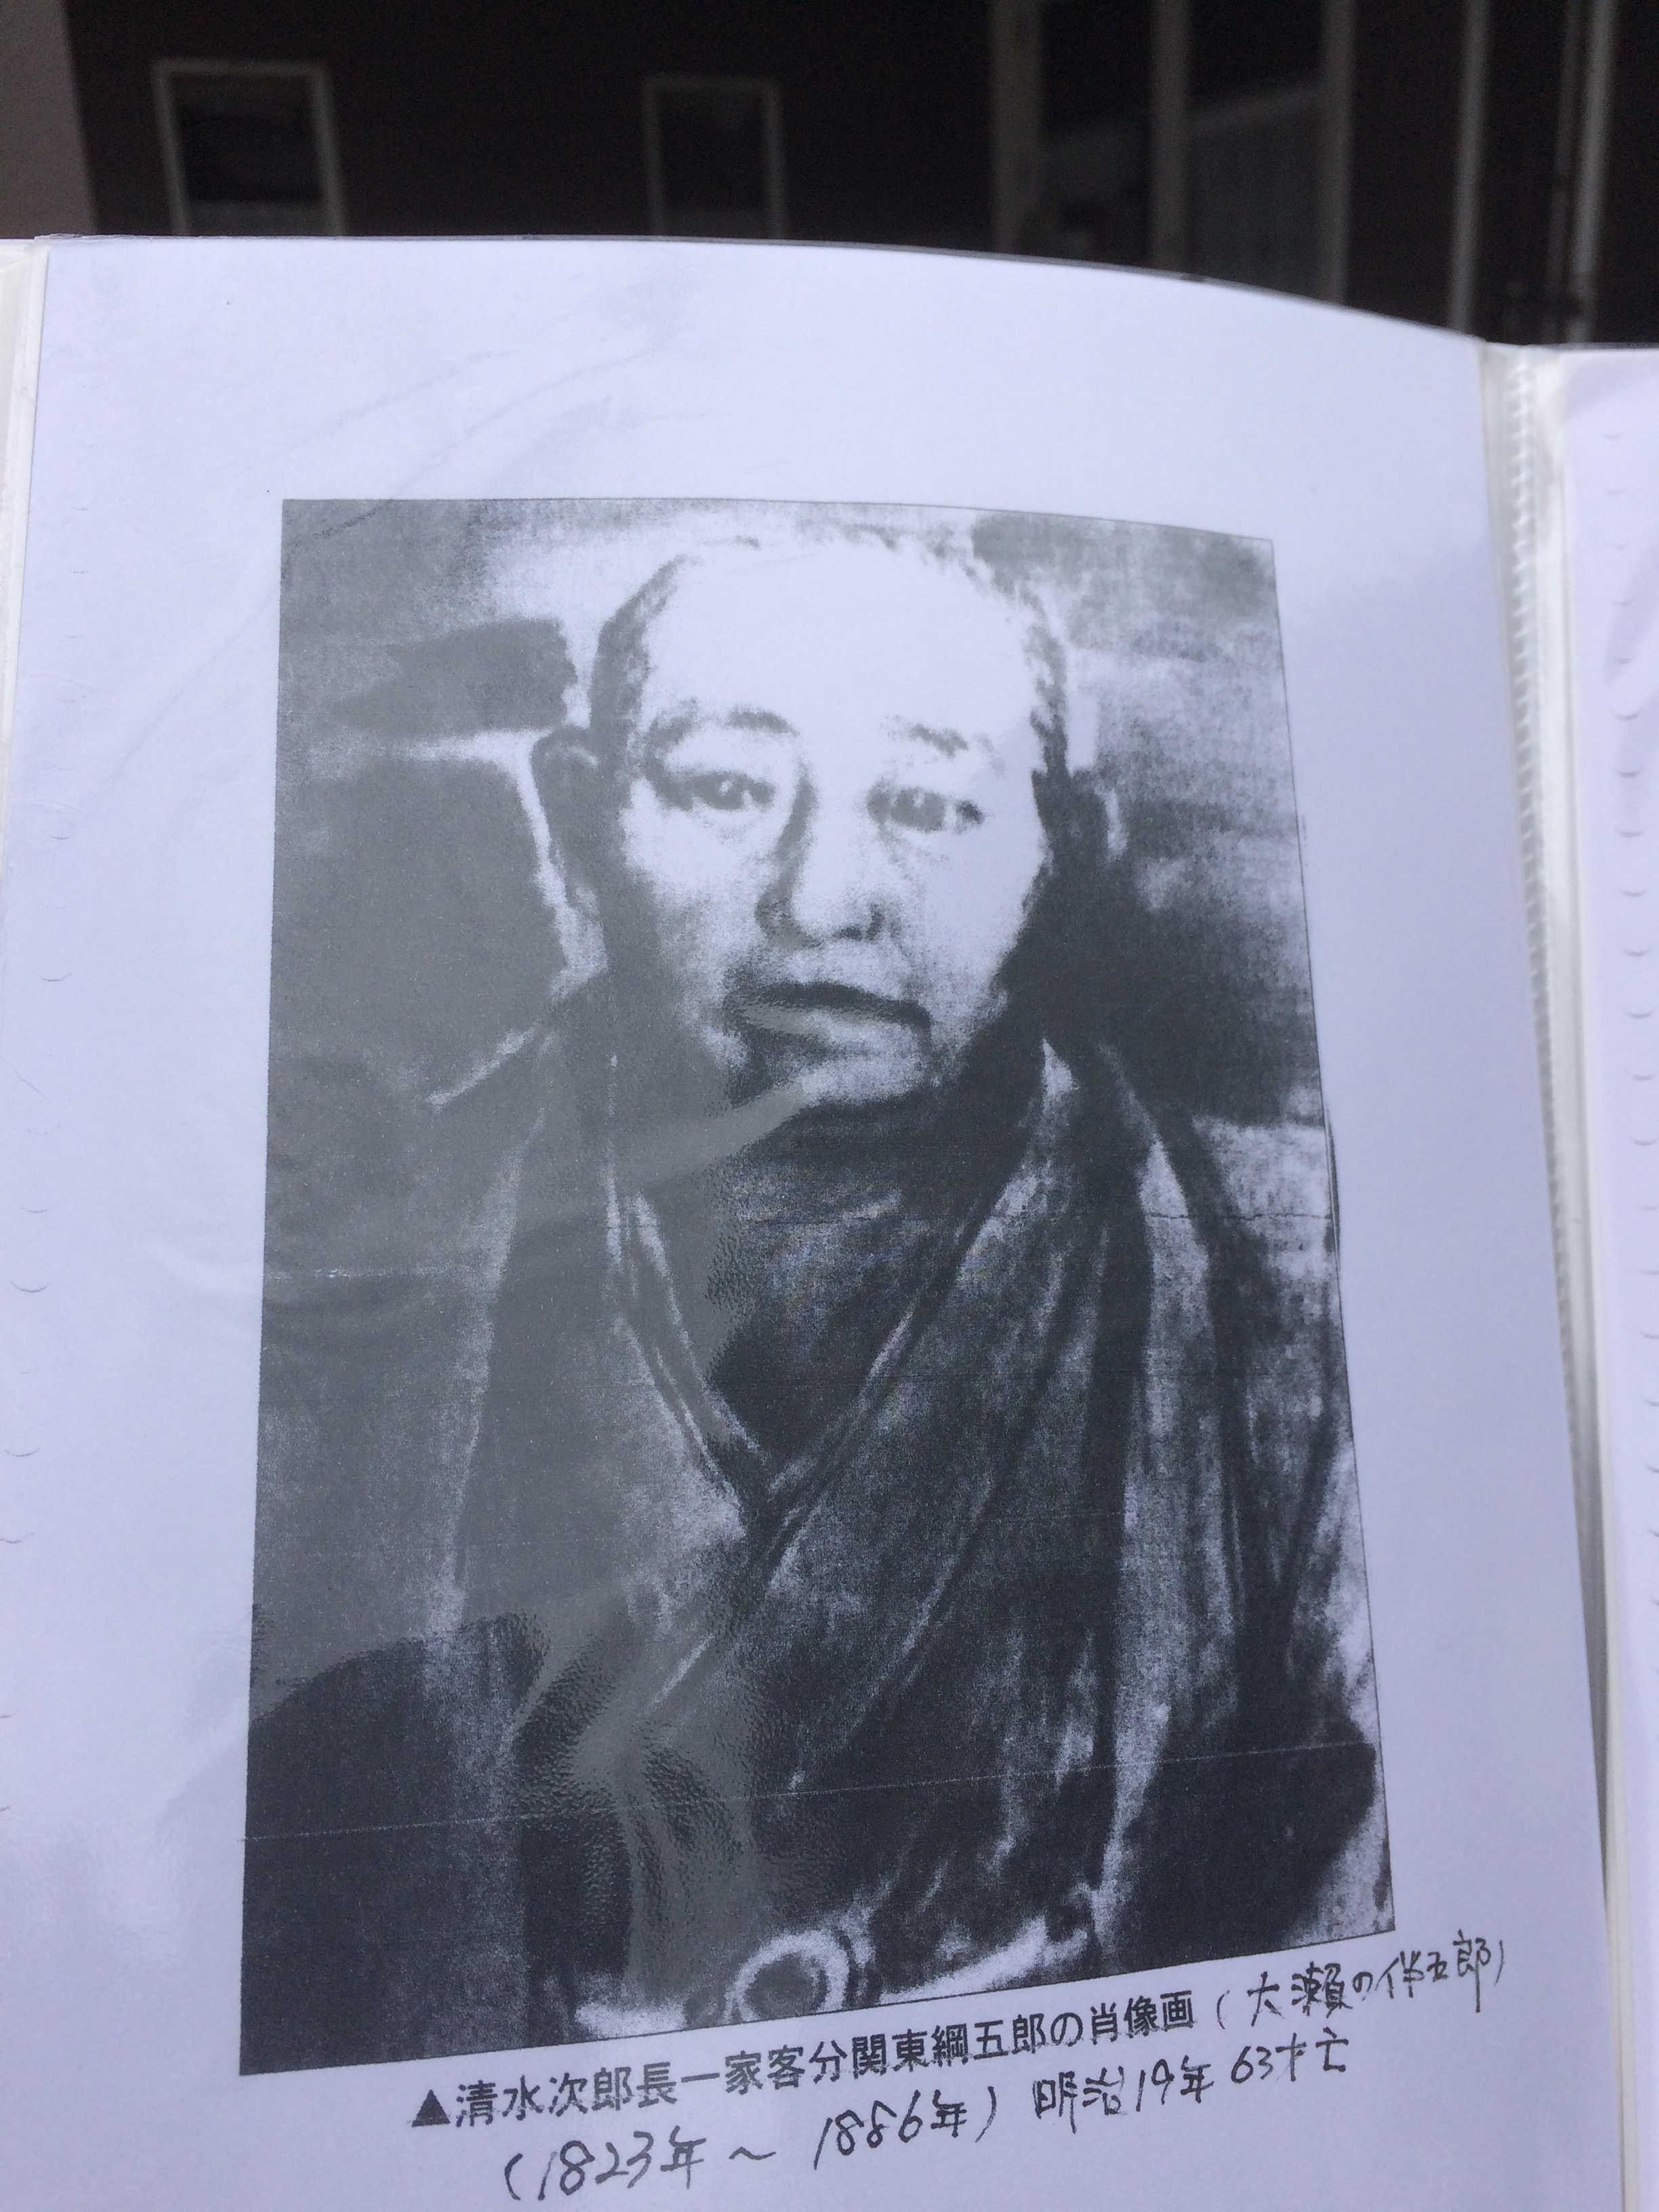 清水次郎長一家客分関東綱五郎の肖像画